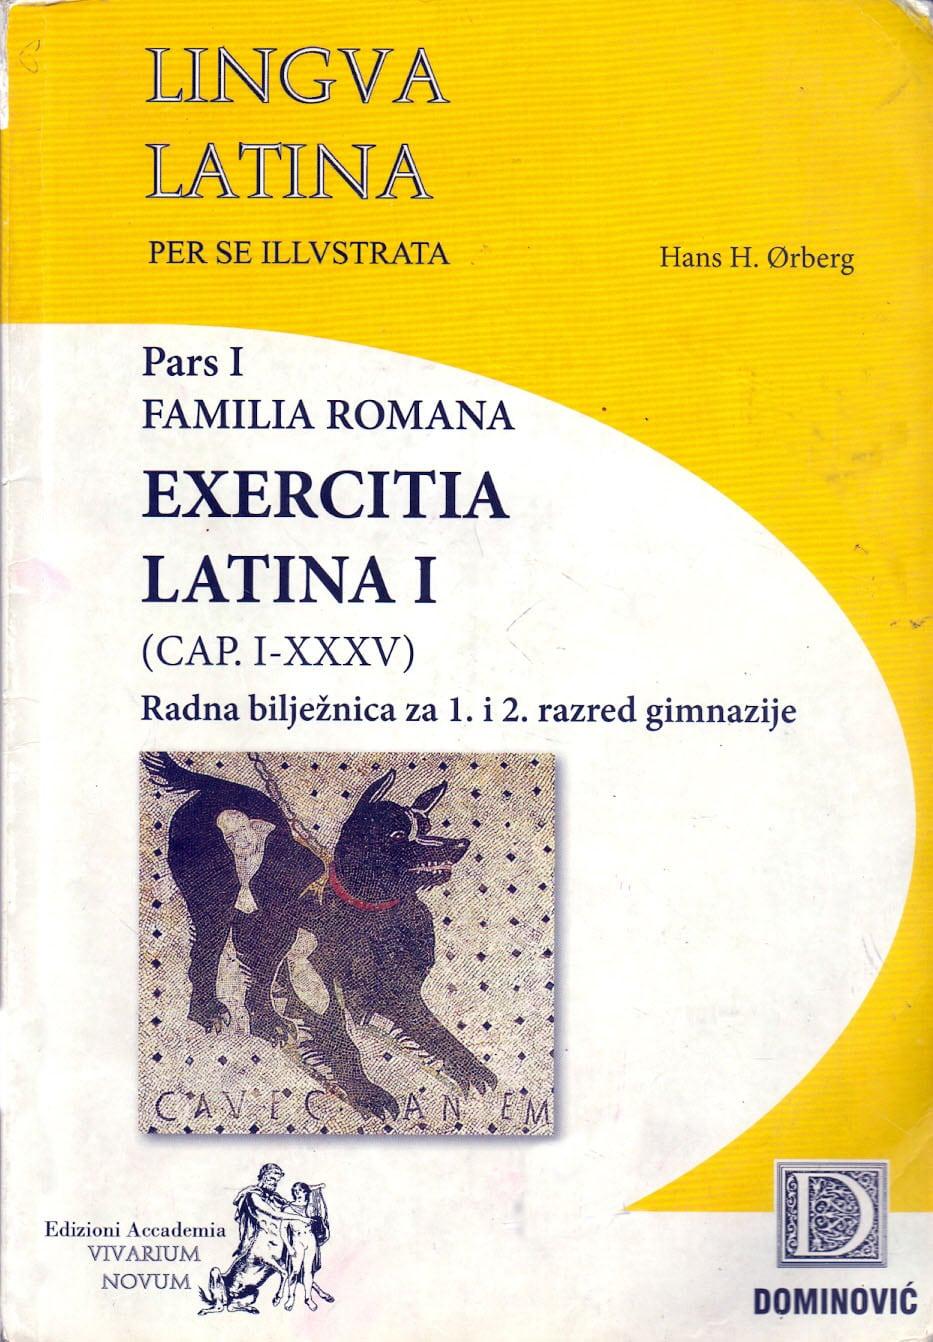 lingua latina per se illustrata radna bilježnica:  Pars I, Familia Romana, Exercitia Latina I autora Hans Henning Ørberg